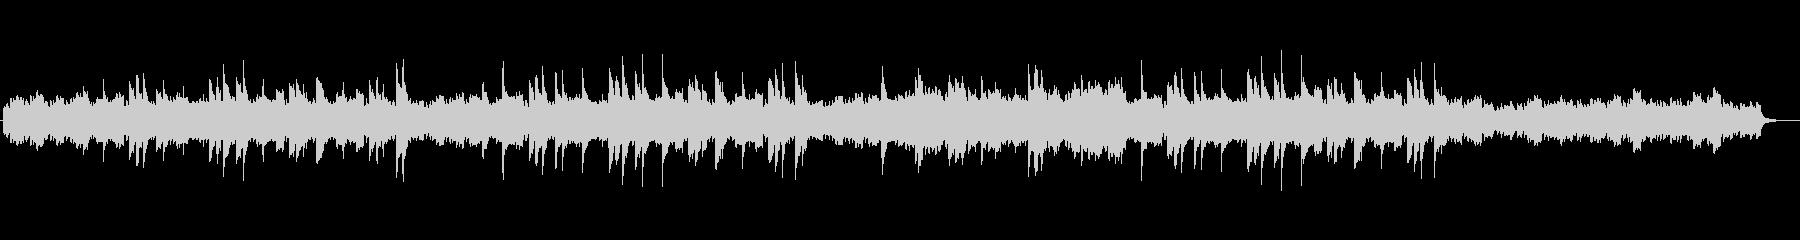 ポスト・クラシカル風ピアノ曲の未再生の波形